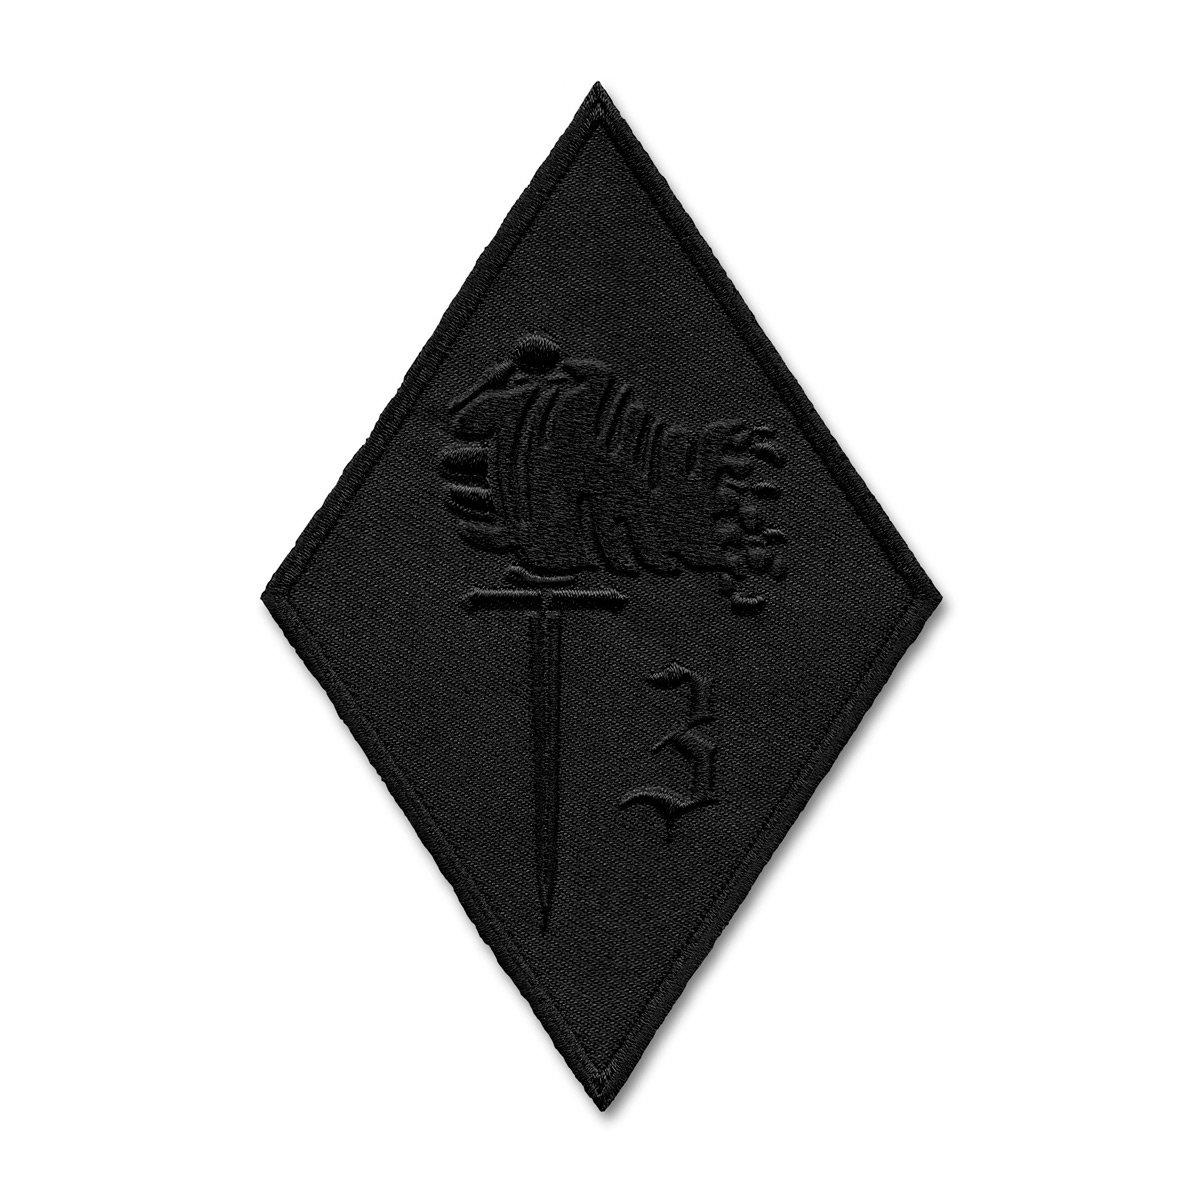 Image of Strike True Black Diamond Patch